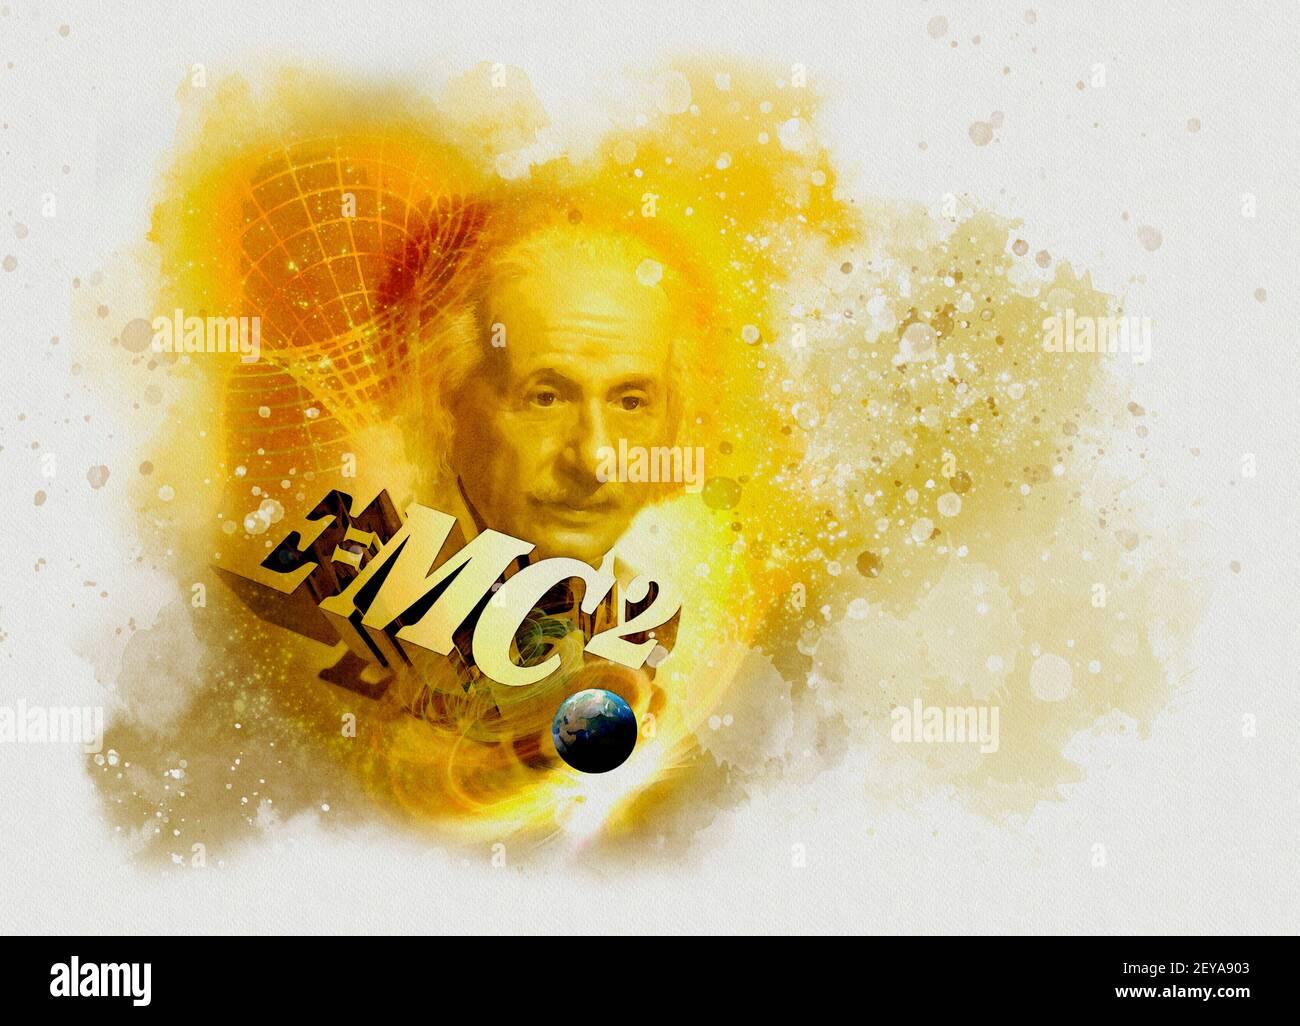 Einsteins Massenenergie-Gleichung, konzeptuelle Illustration Stockfoto